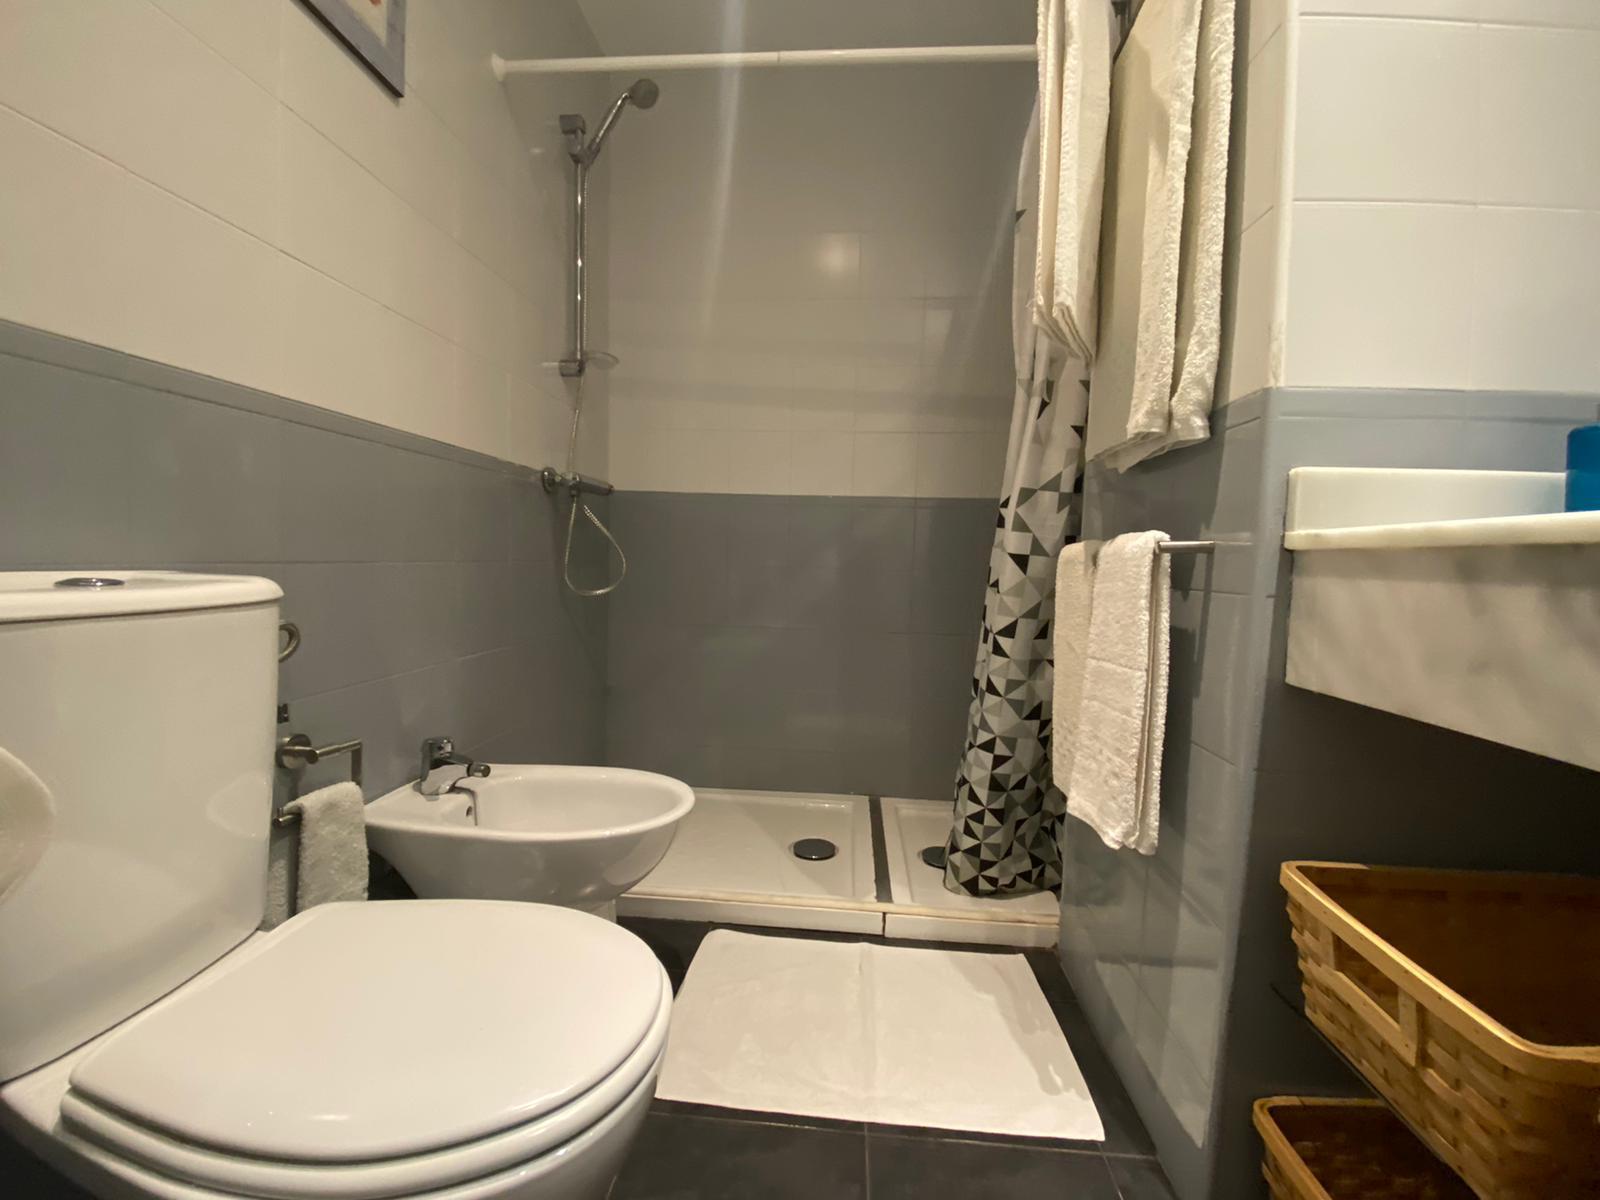 Imagen 23 del Apartamento Turístico, Ático 4 Levante, Frontal (4d+2b), Punta del Moral (HUELVA), Paseo de la Cruz nº22